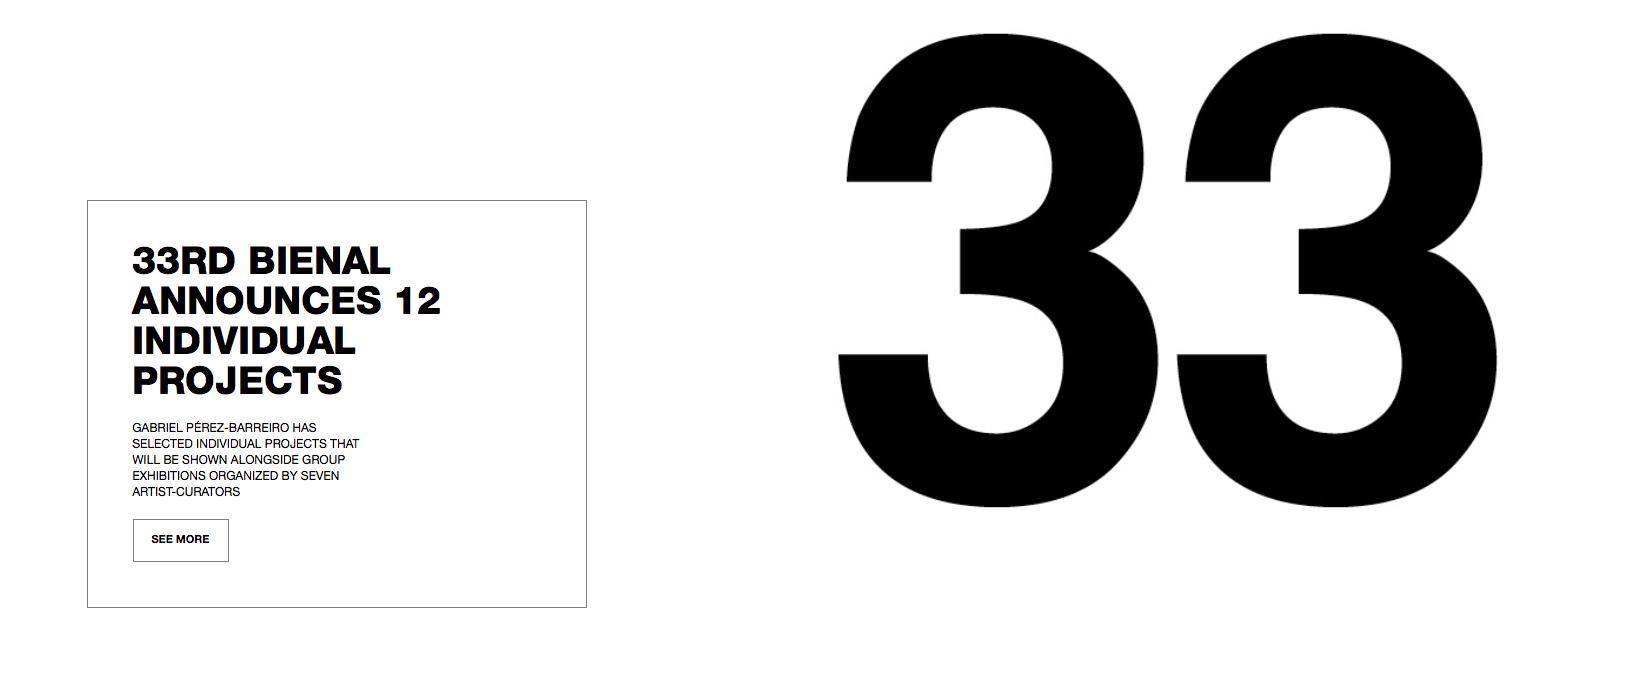 La 33 edicion de la Bienal de São Paulo